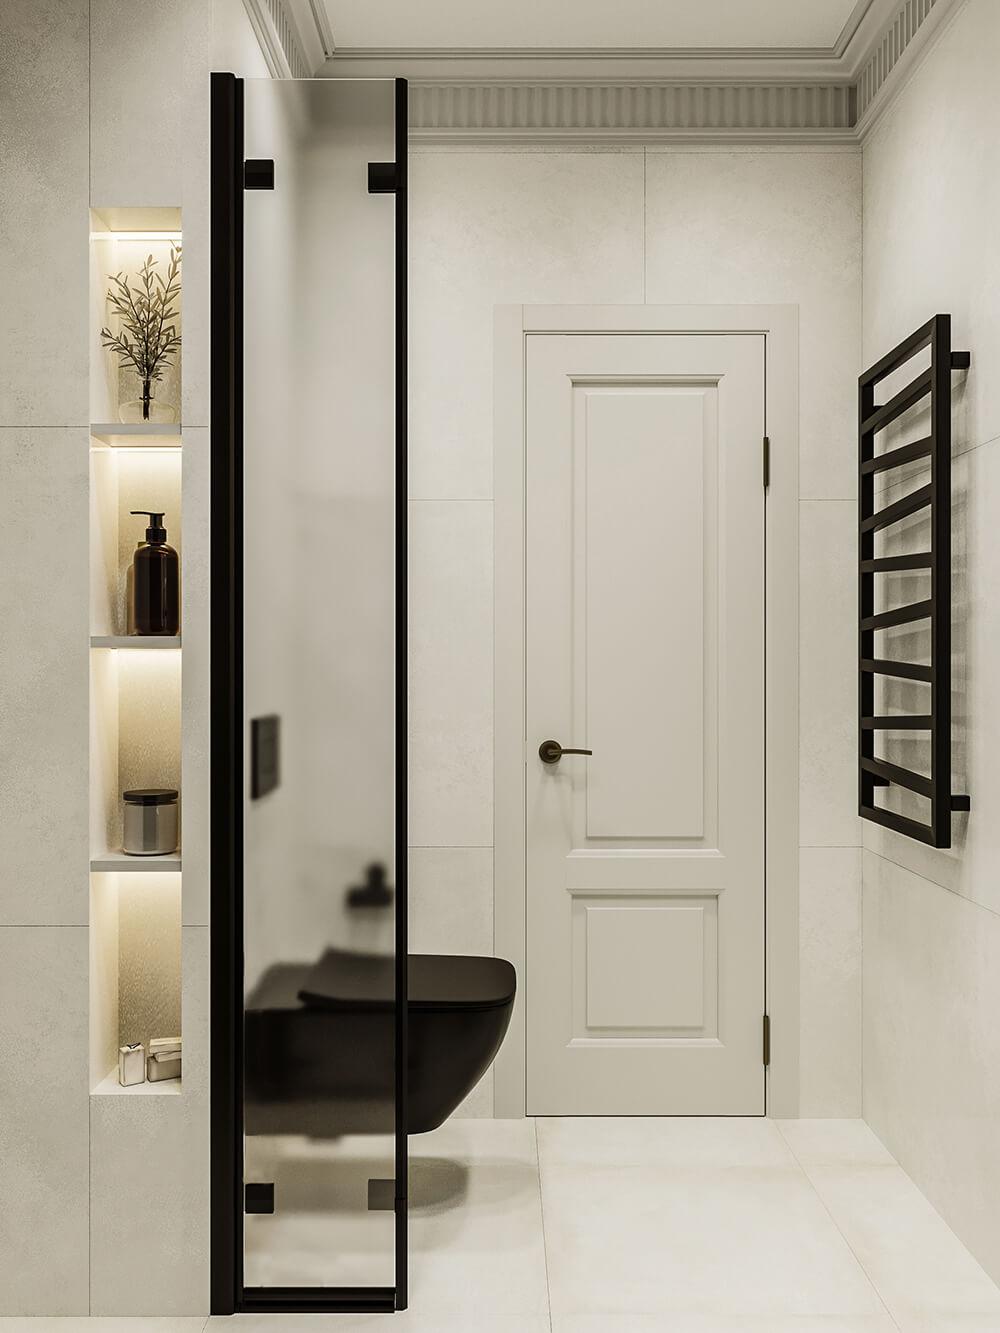 interioren-dizain-proekt-na-banya-po-porushka-esteta-design